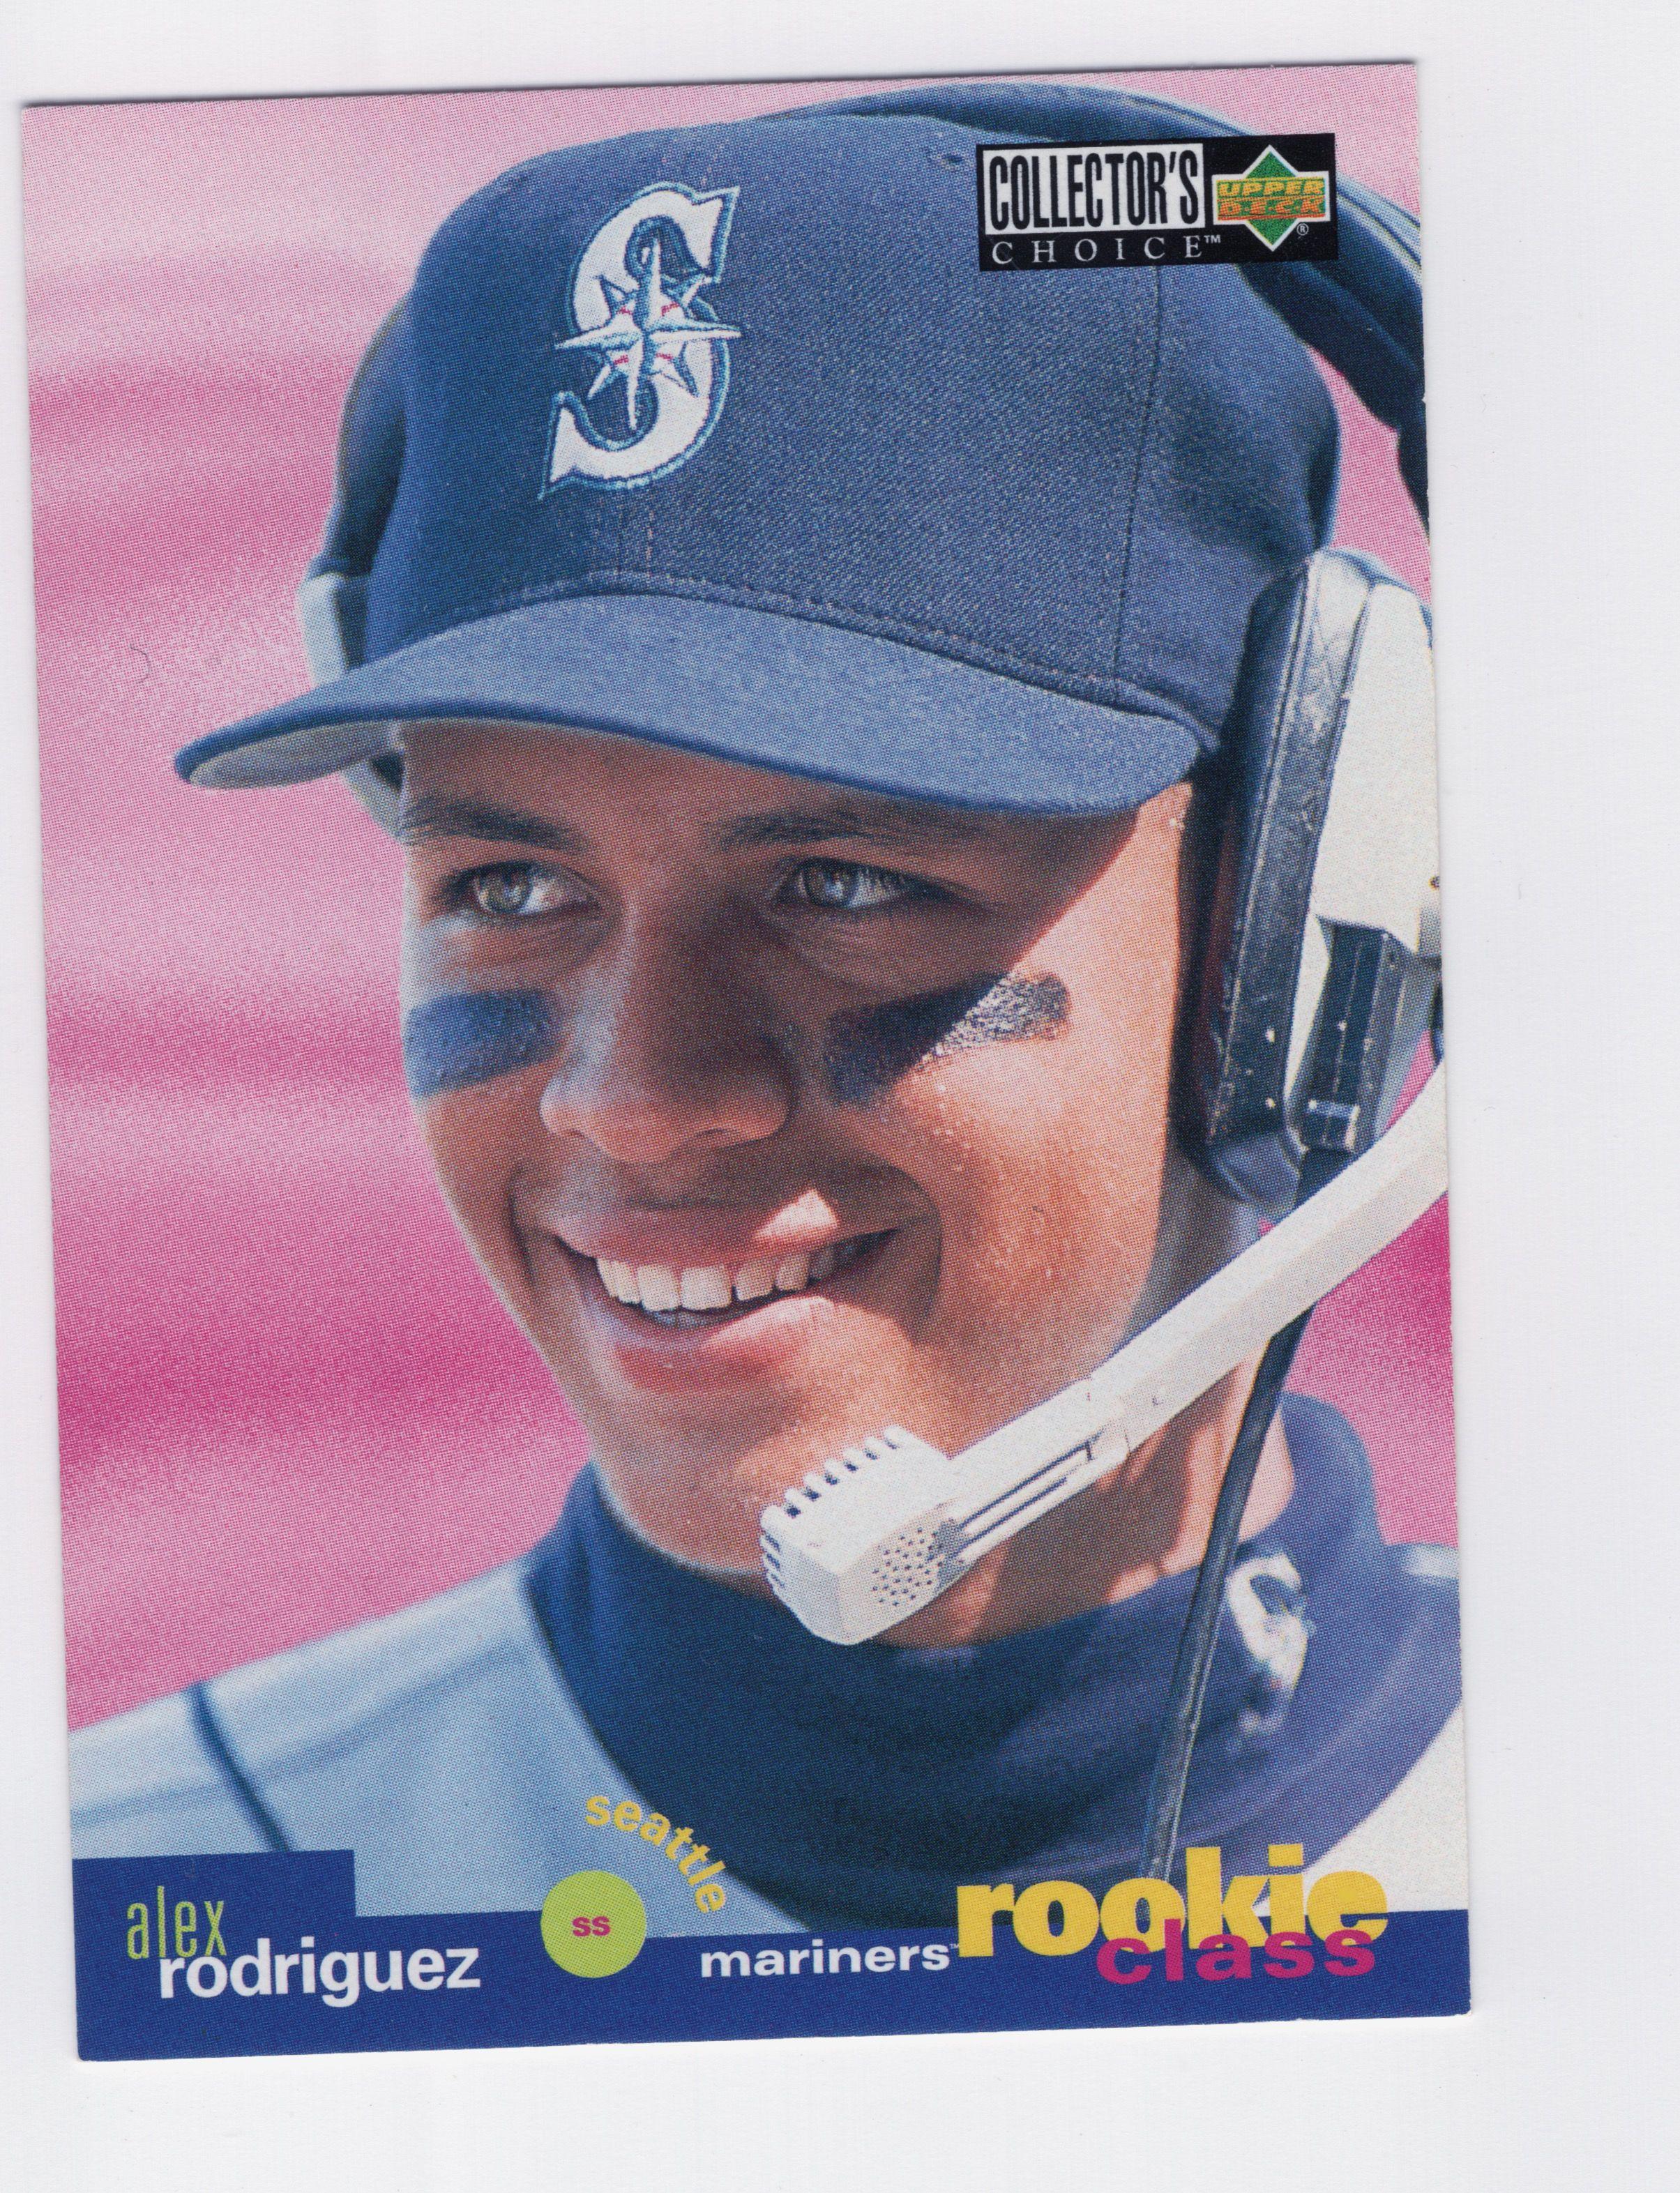 Alex rodriguez 1995 upper deck collectors choice upper